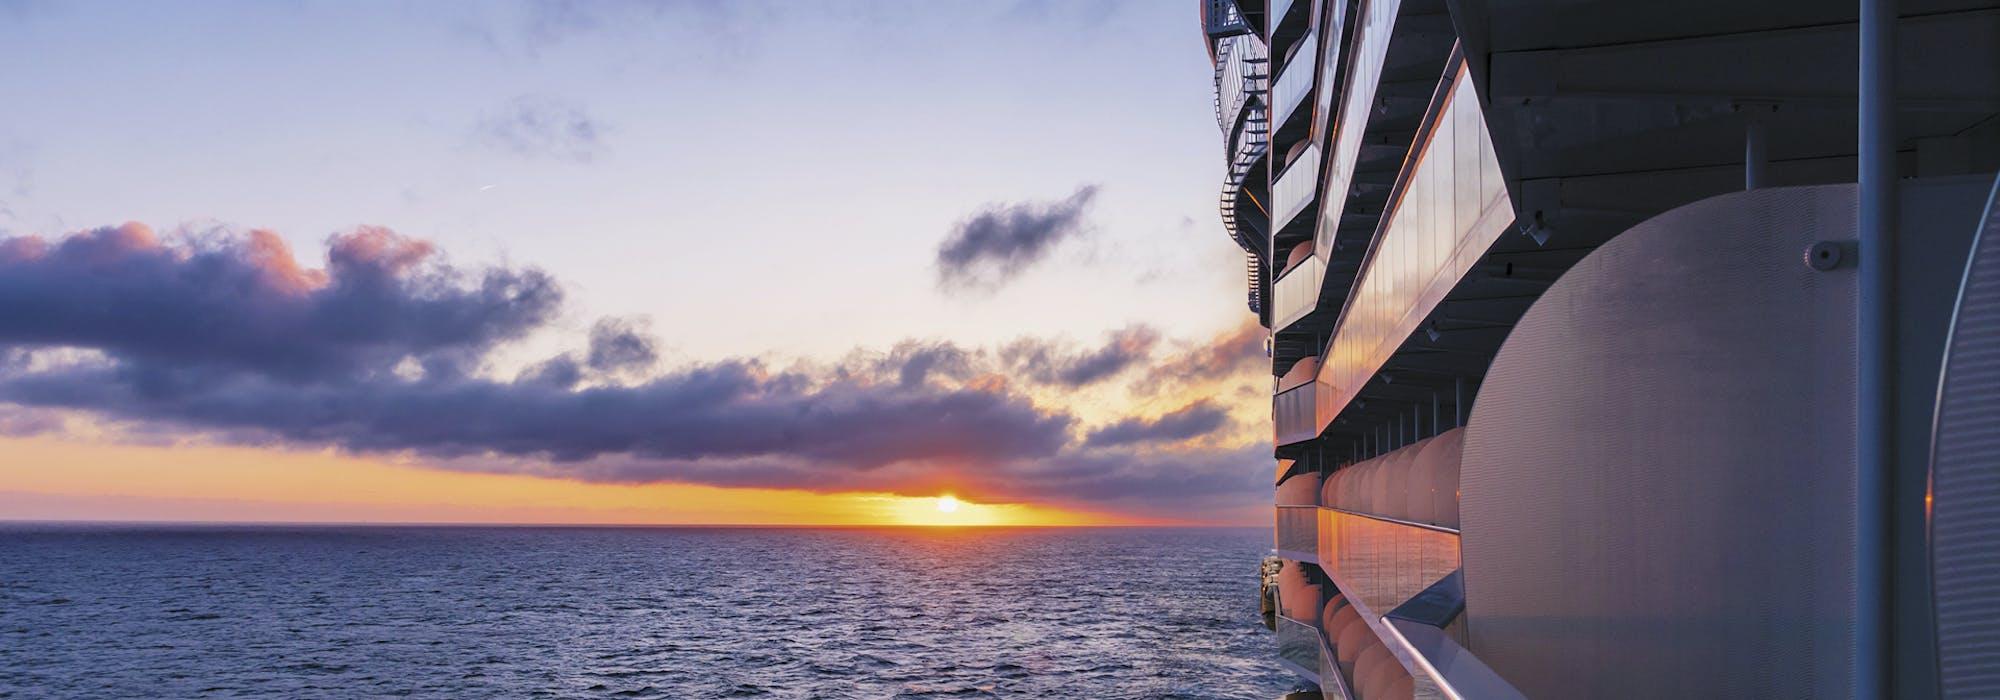 Bild på sidan av fartyget Symphony of the Seas med havet och en vacker solnedgång i bakgrunden.